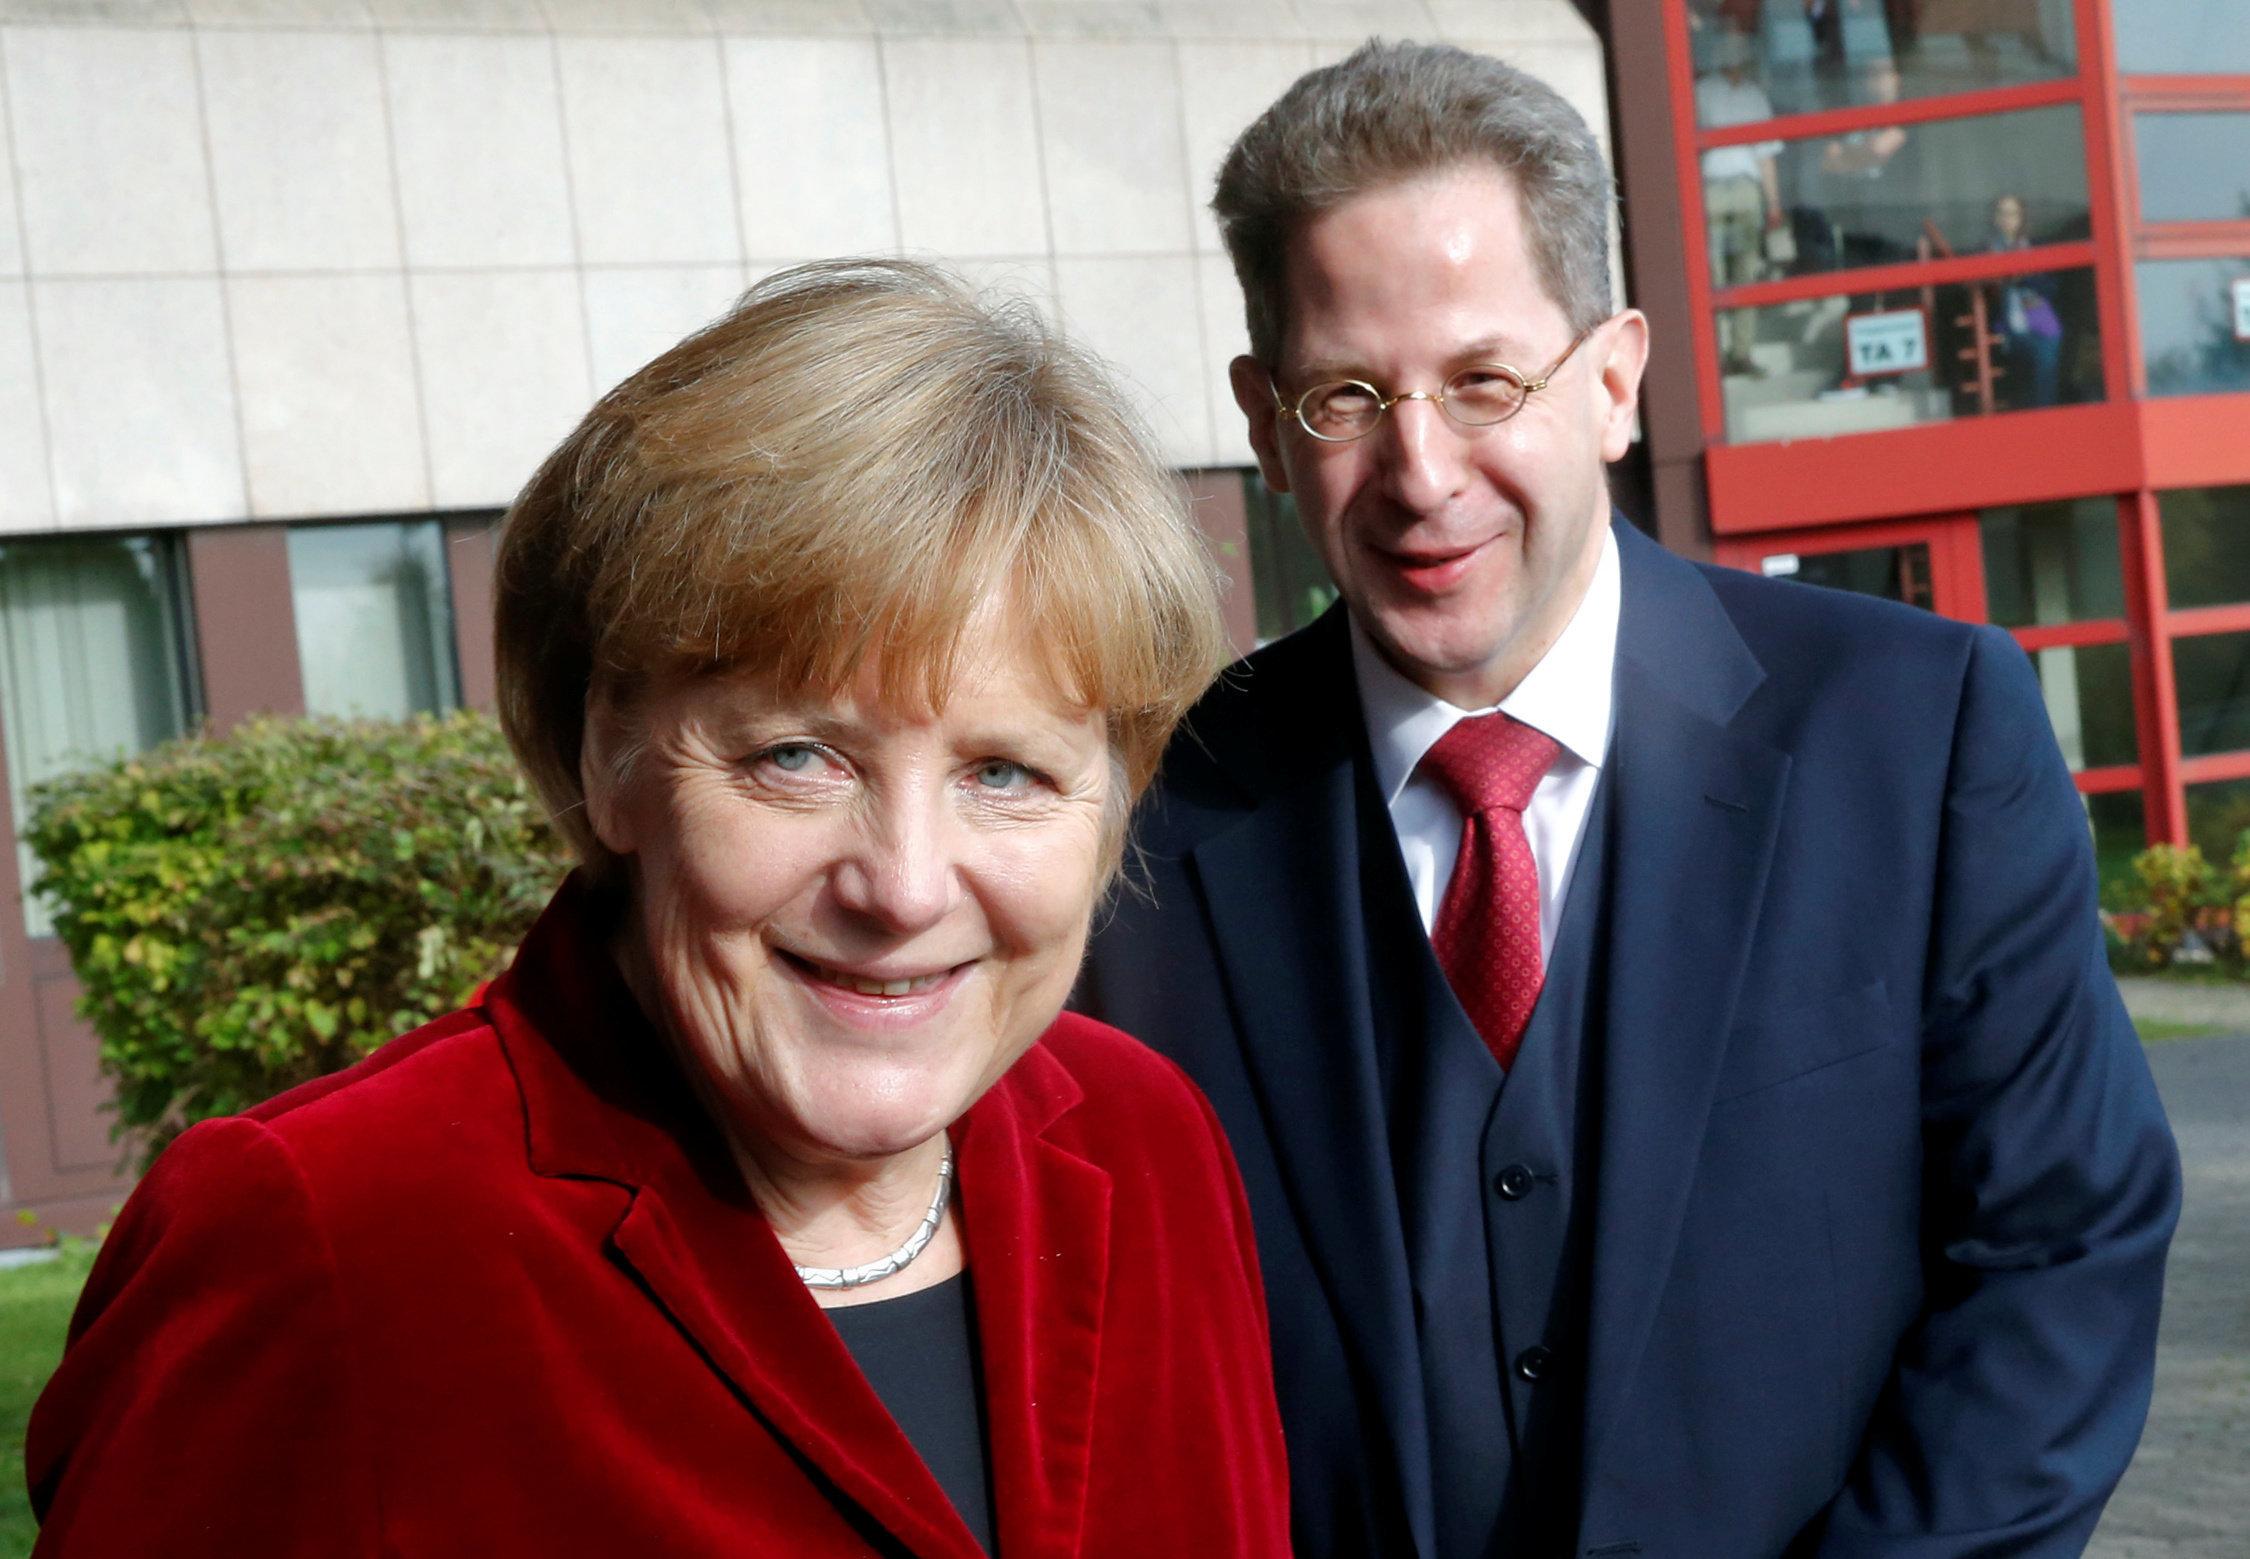 Γερμανία: Αποπέμφθηκε μεν, υπουργοποιήθηκε δε o πρώην επικεφαλής των Μυστικών